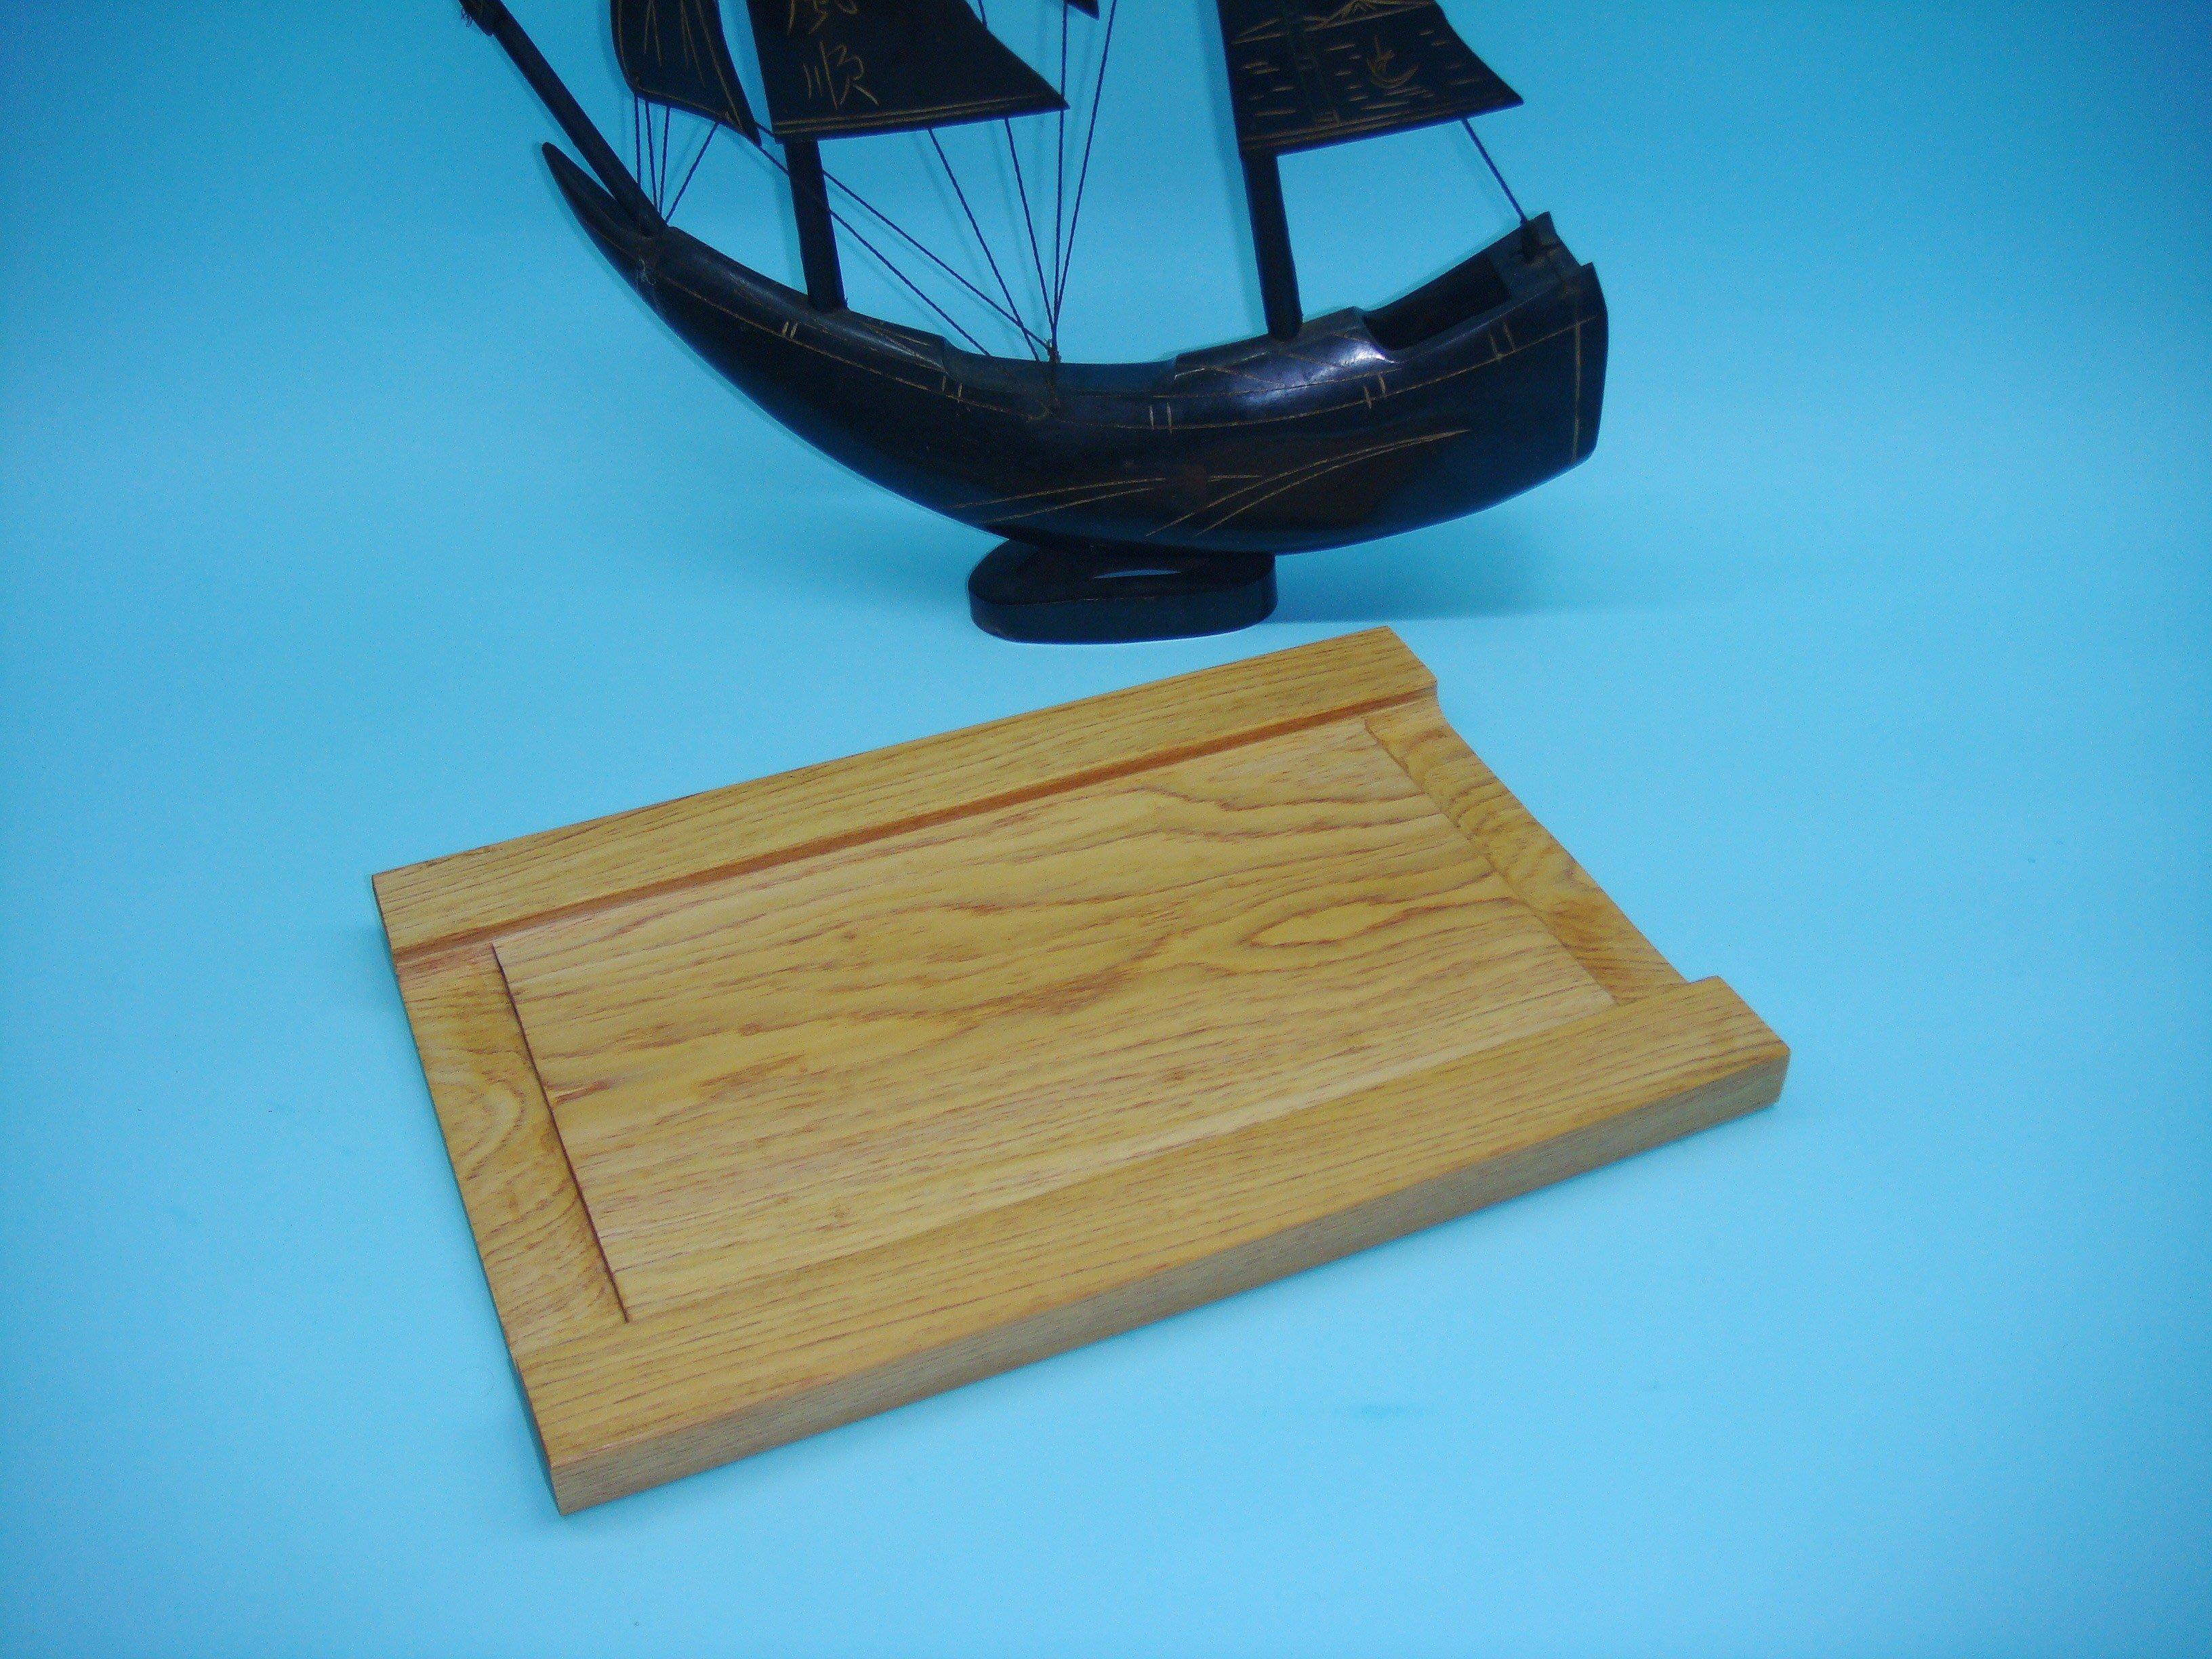 [享想] 生魚片 壽司 蛋糕 甜點 擺盤 拼盤 展示盤 (小款 250元) 檜木端盤 實木餐盤 日式餐具